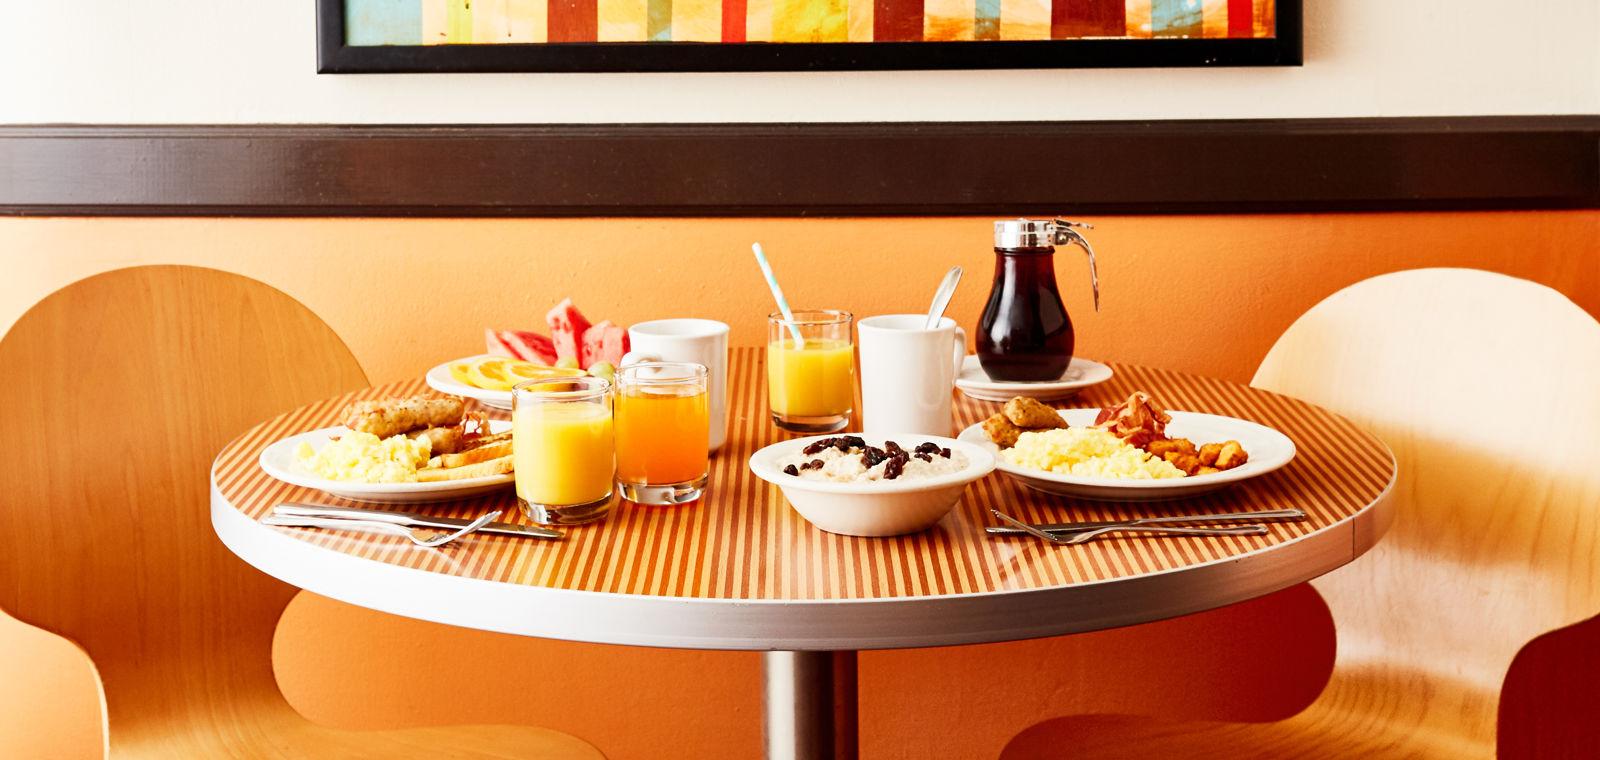 Hotel Avante_Breakfast